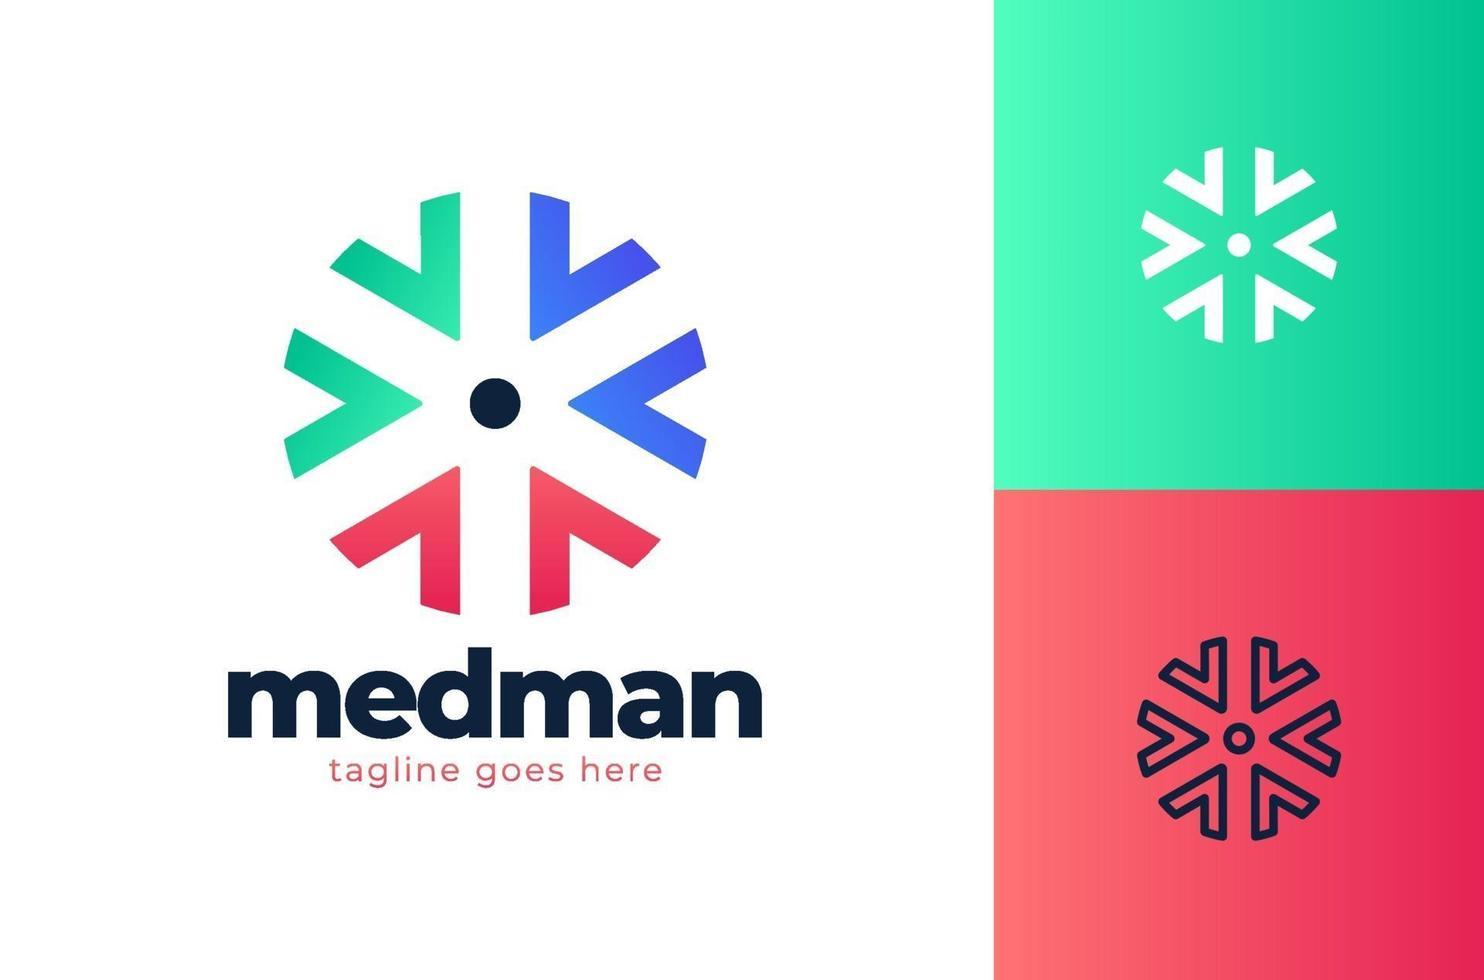 kreative Gesundheitskonzept-Logo-Designvorlage. Kreuz plus medizinische Logo Symbol Design Vorlage Elemente vektor